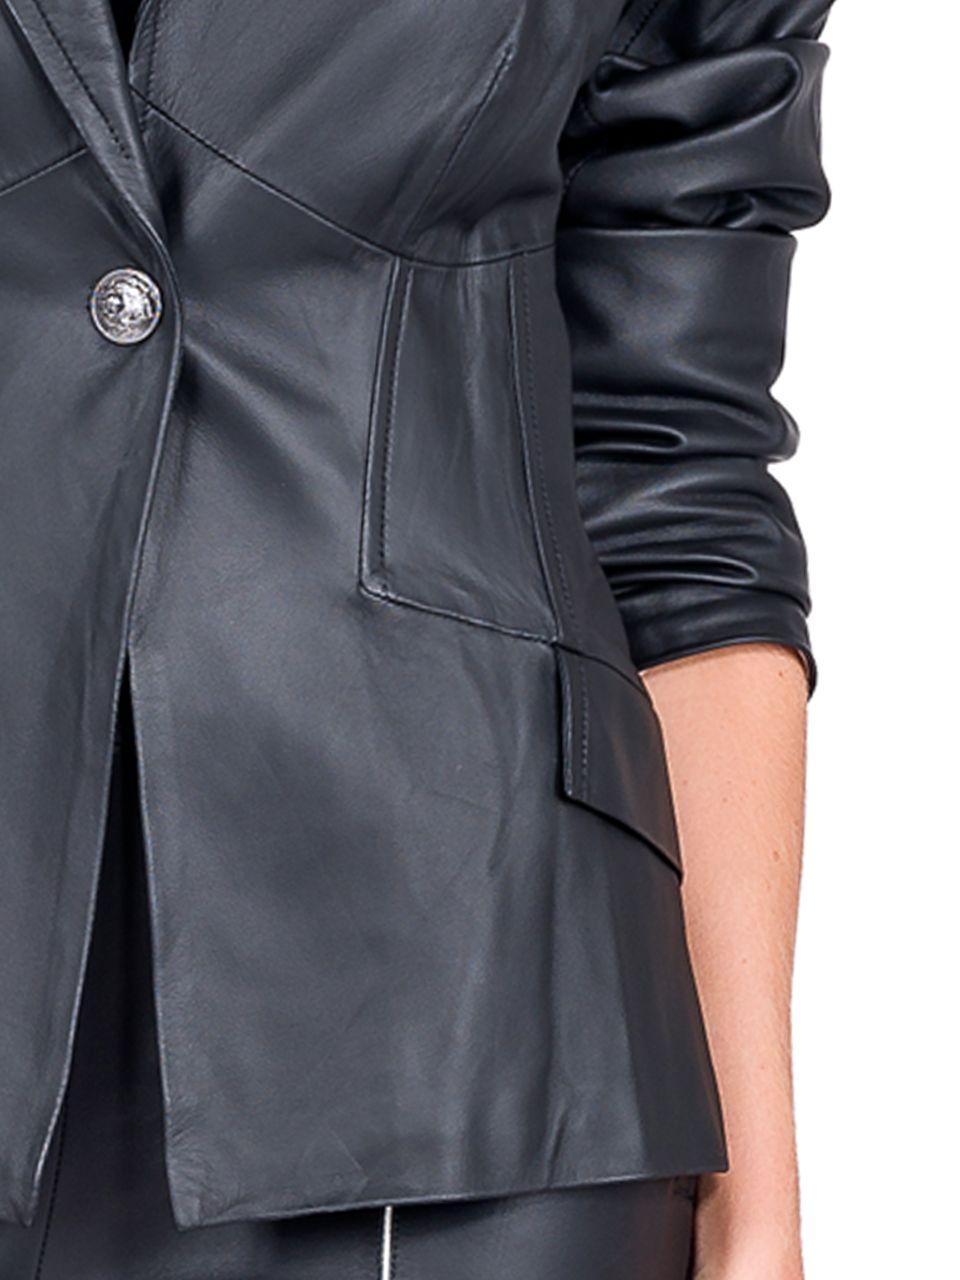 Blazer Shape Justo com Fechamento em Botão - Liziane Richter